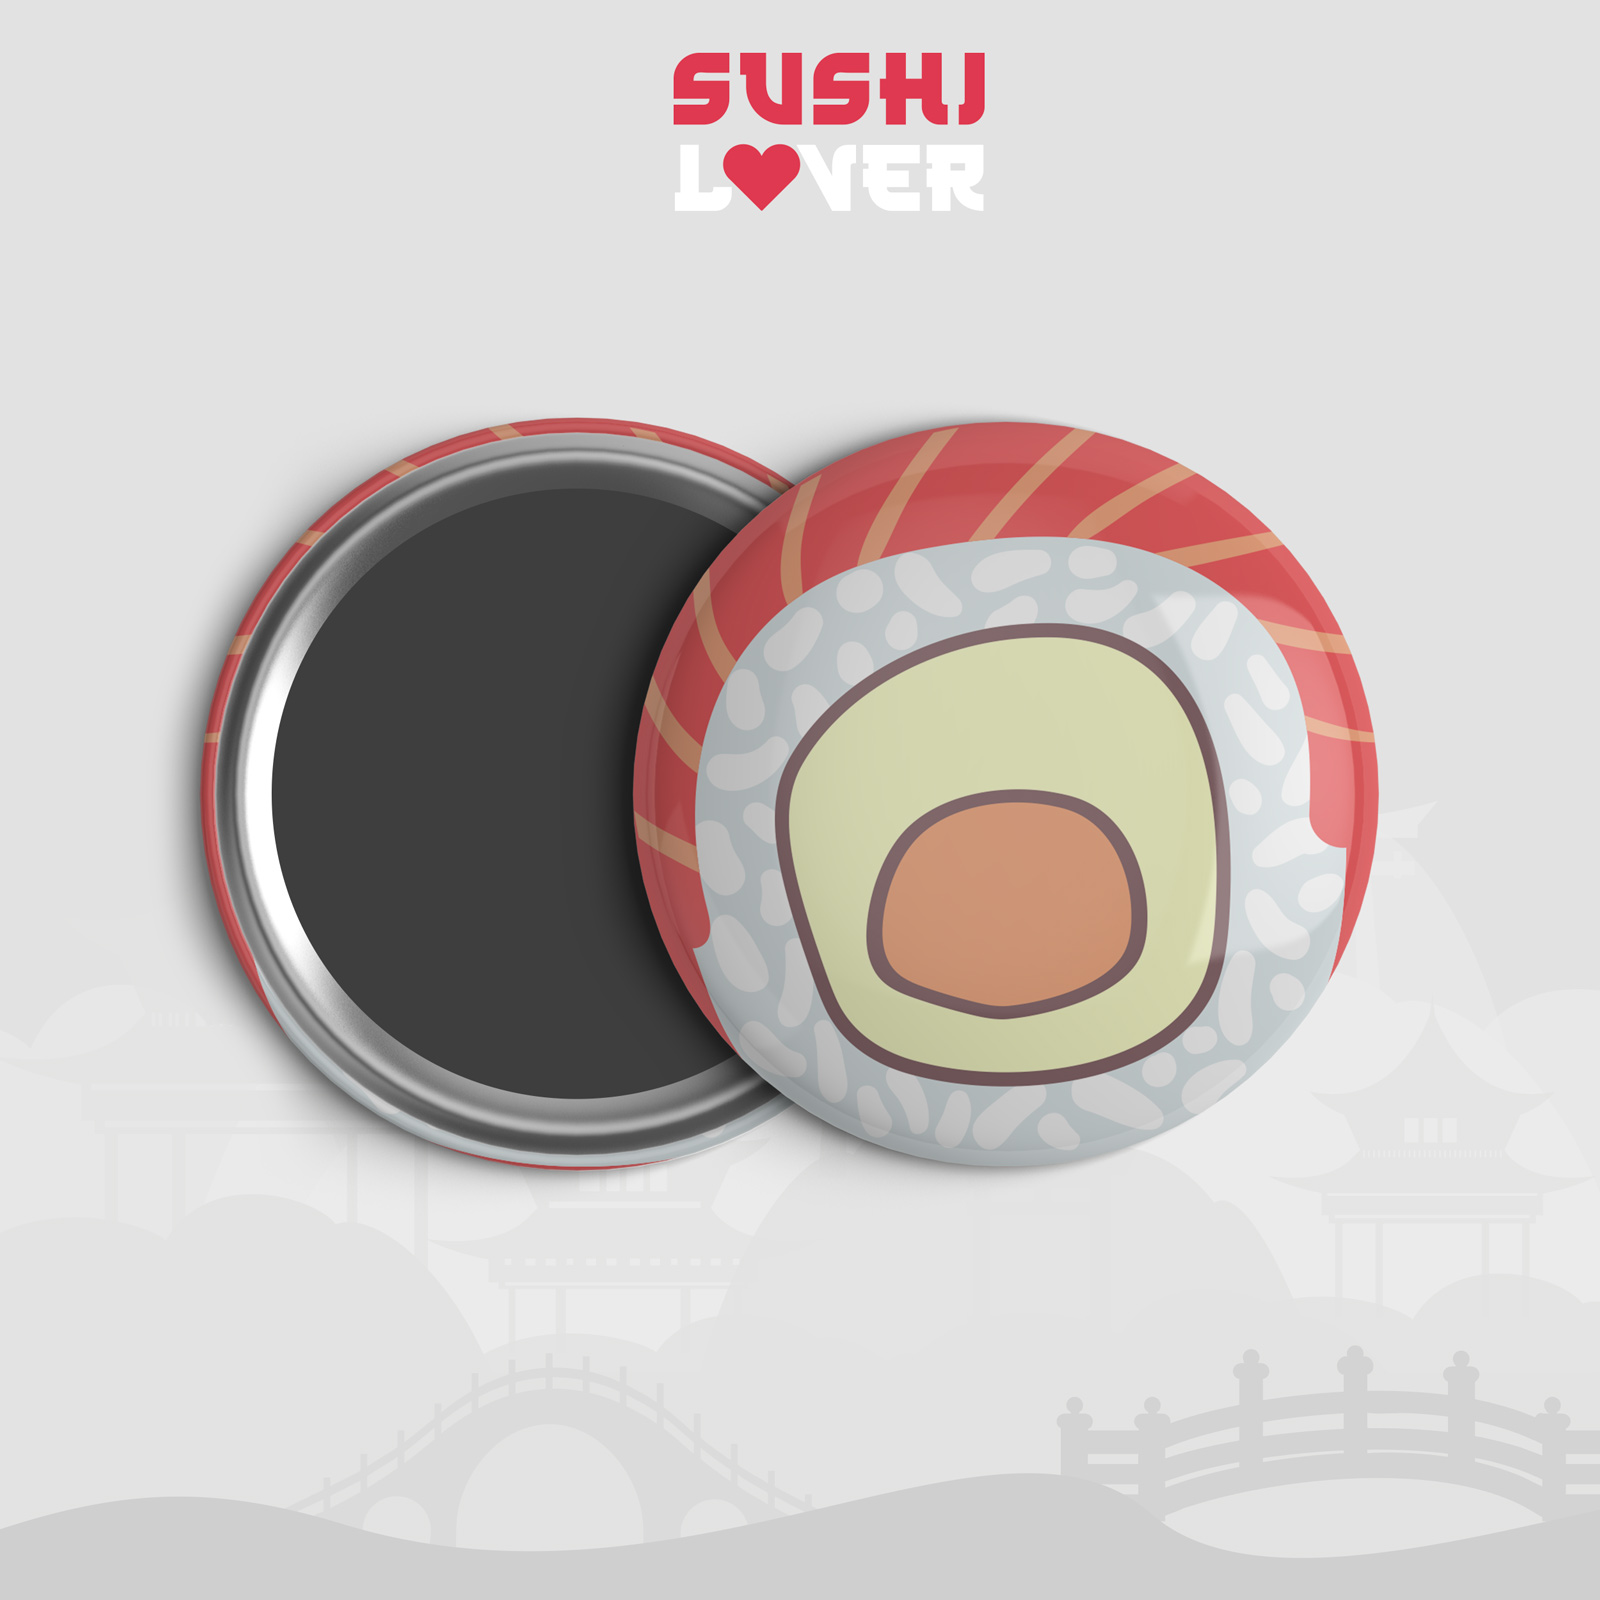 Calamita tonda Sushi Lover 1